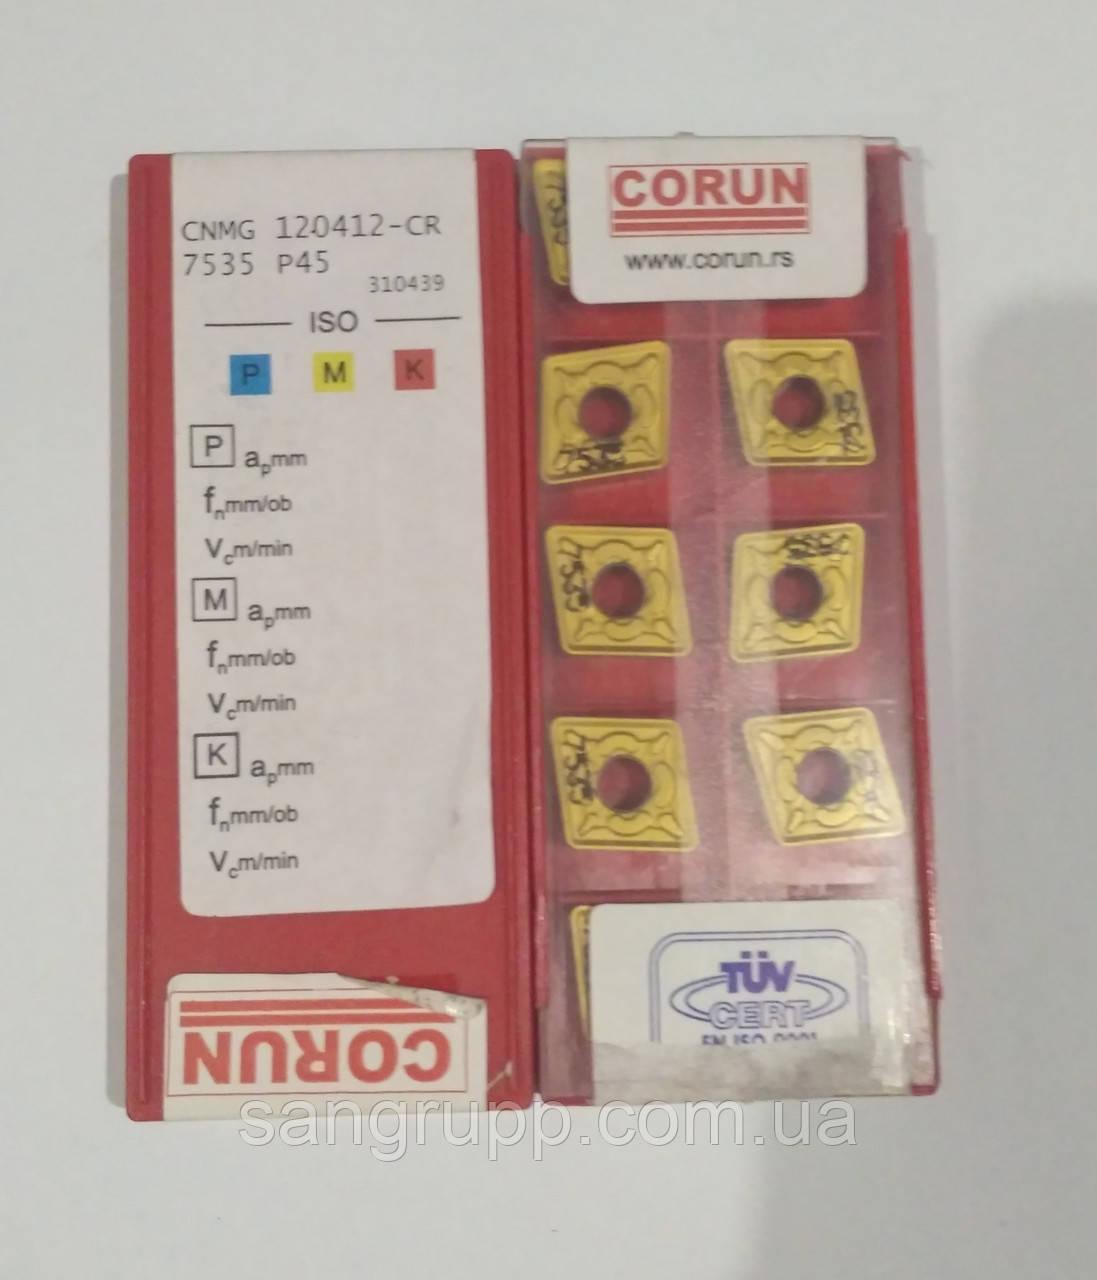 CNMG 120412-CR 7535 P45 твердосплавна Пластина CORUN